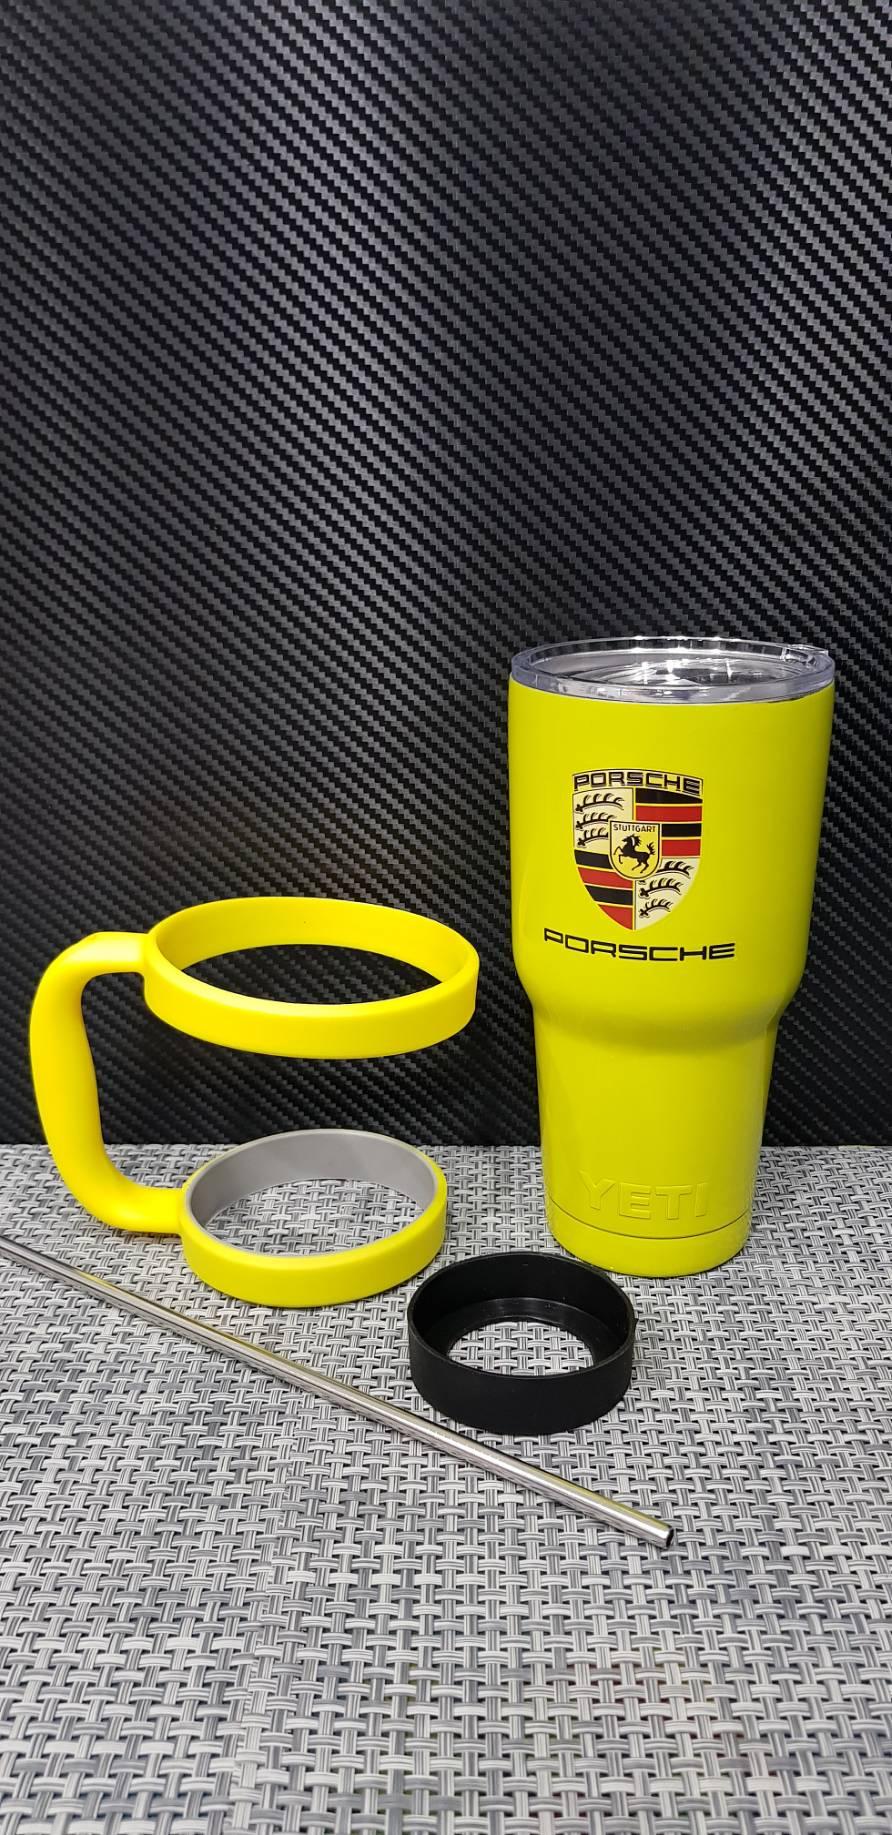 ชุดแก้วเยติ 30 ออนซ์ พื้นสีเหลือง โลโก้ Porsche